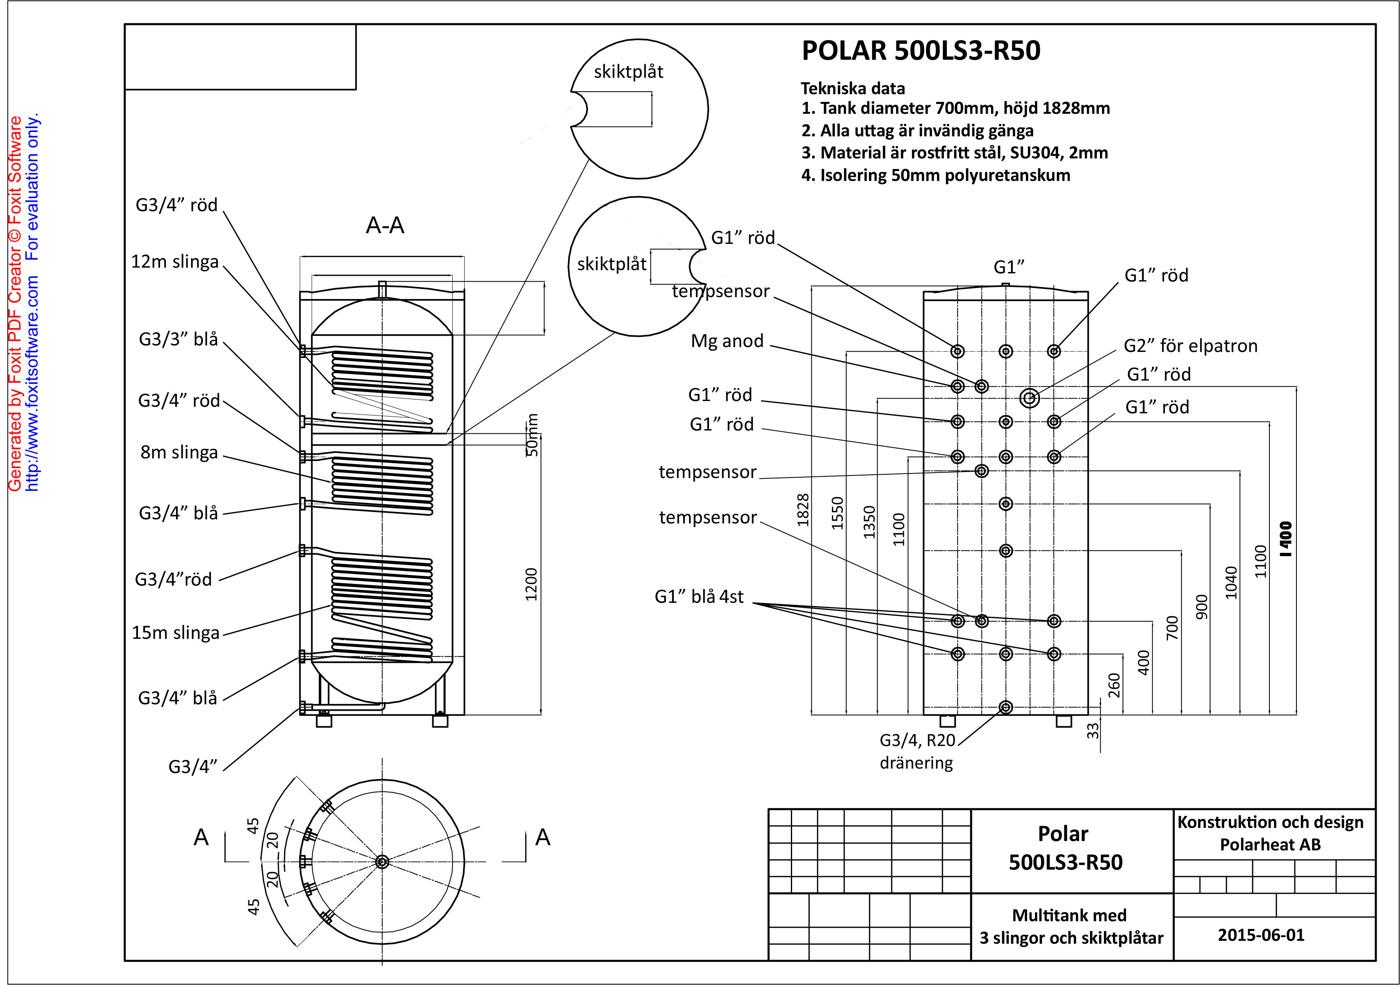 Polar 500LS3 stor ritning.svensk text_edited-1